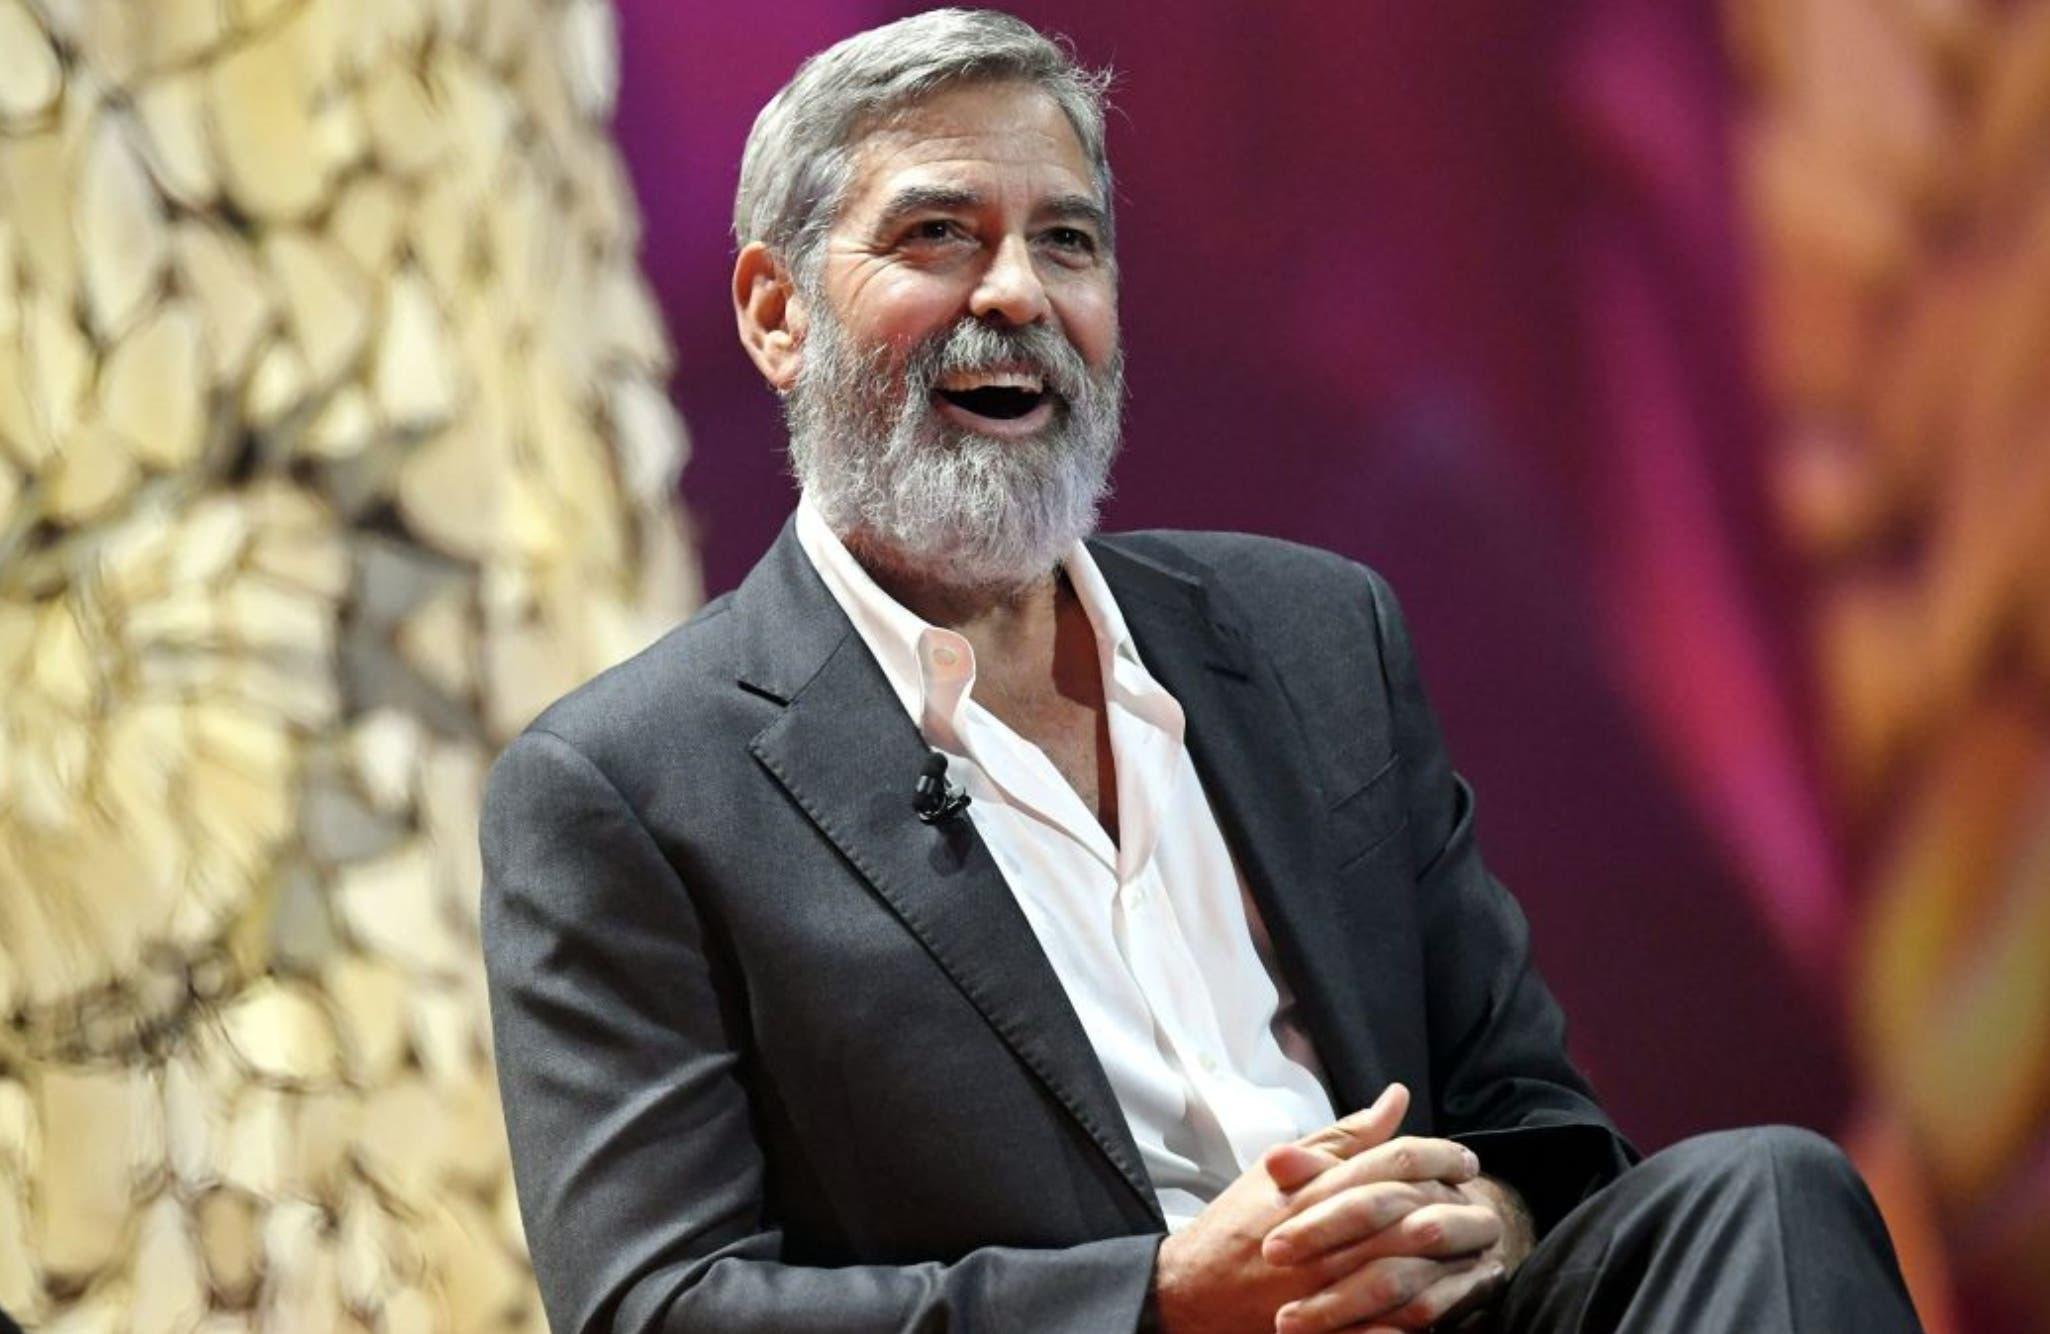 """George Clooney: """"El odio es la  peor epidemia que enfrentamos"""""""